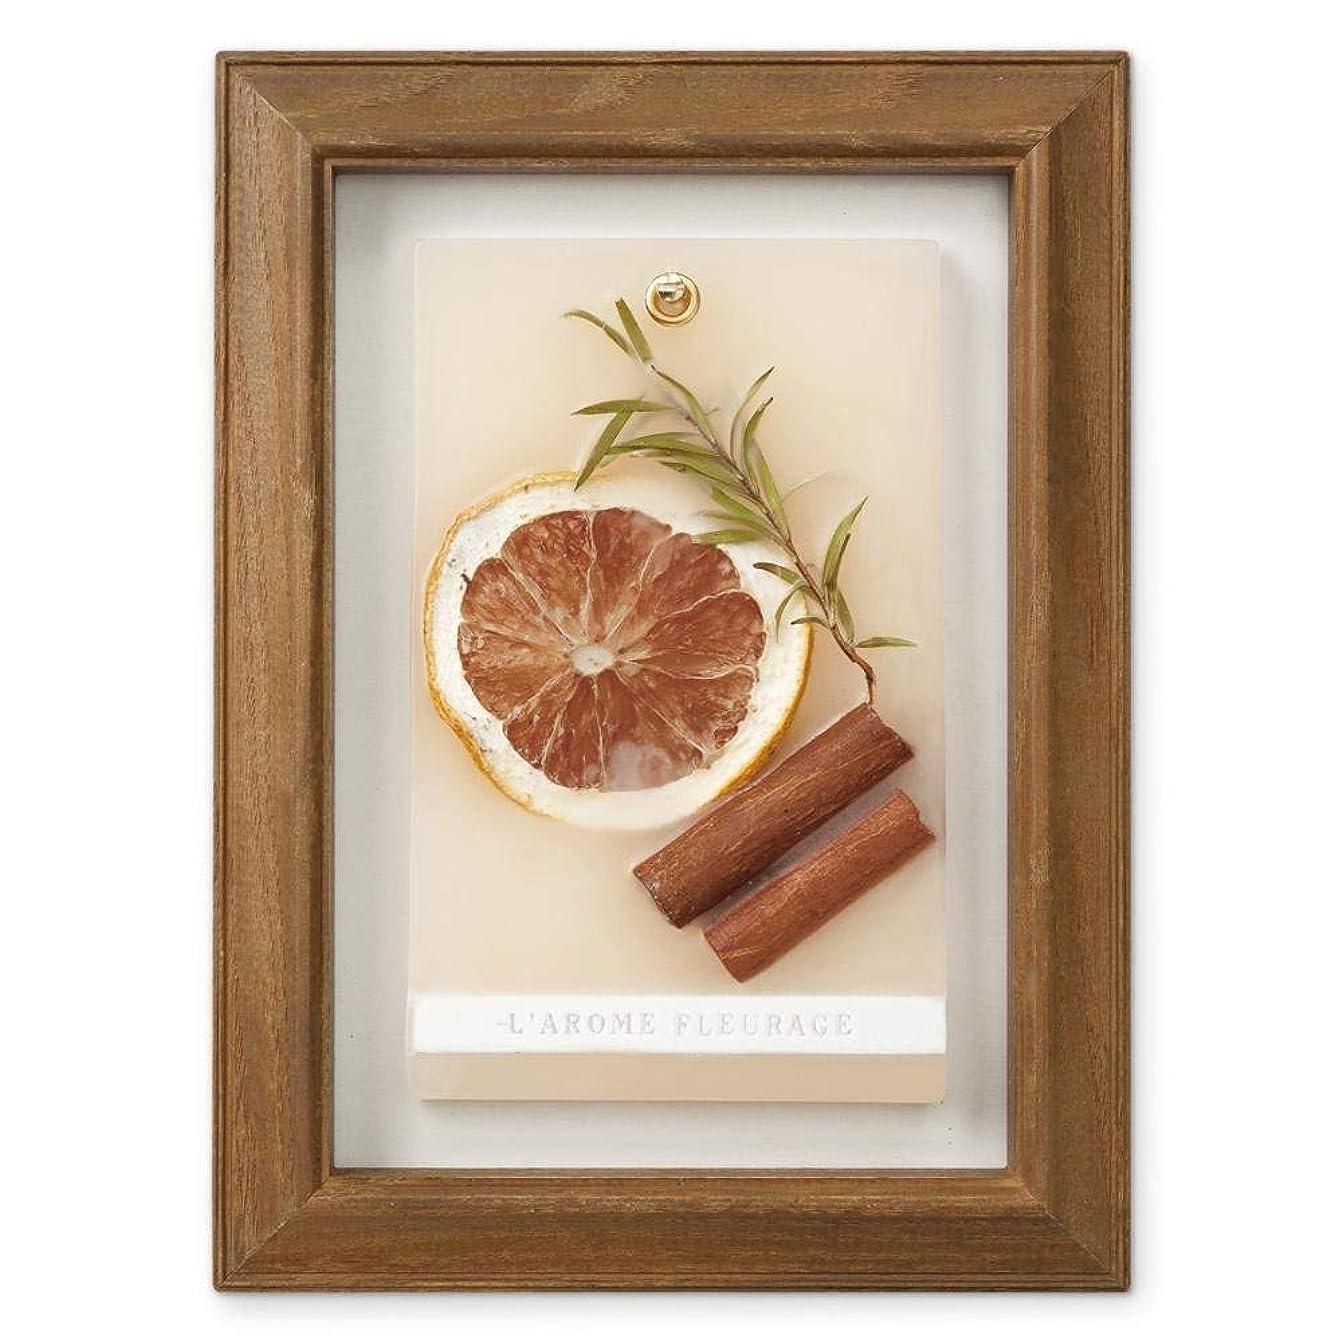 シェトランド諸島文化祭司FLEURAGE(フルラージュ) アロマワックスサシェ スイートオレンジの香り Orange×AntiqueBrown KH-61121